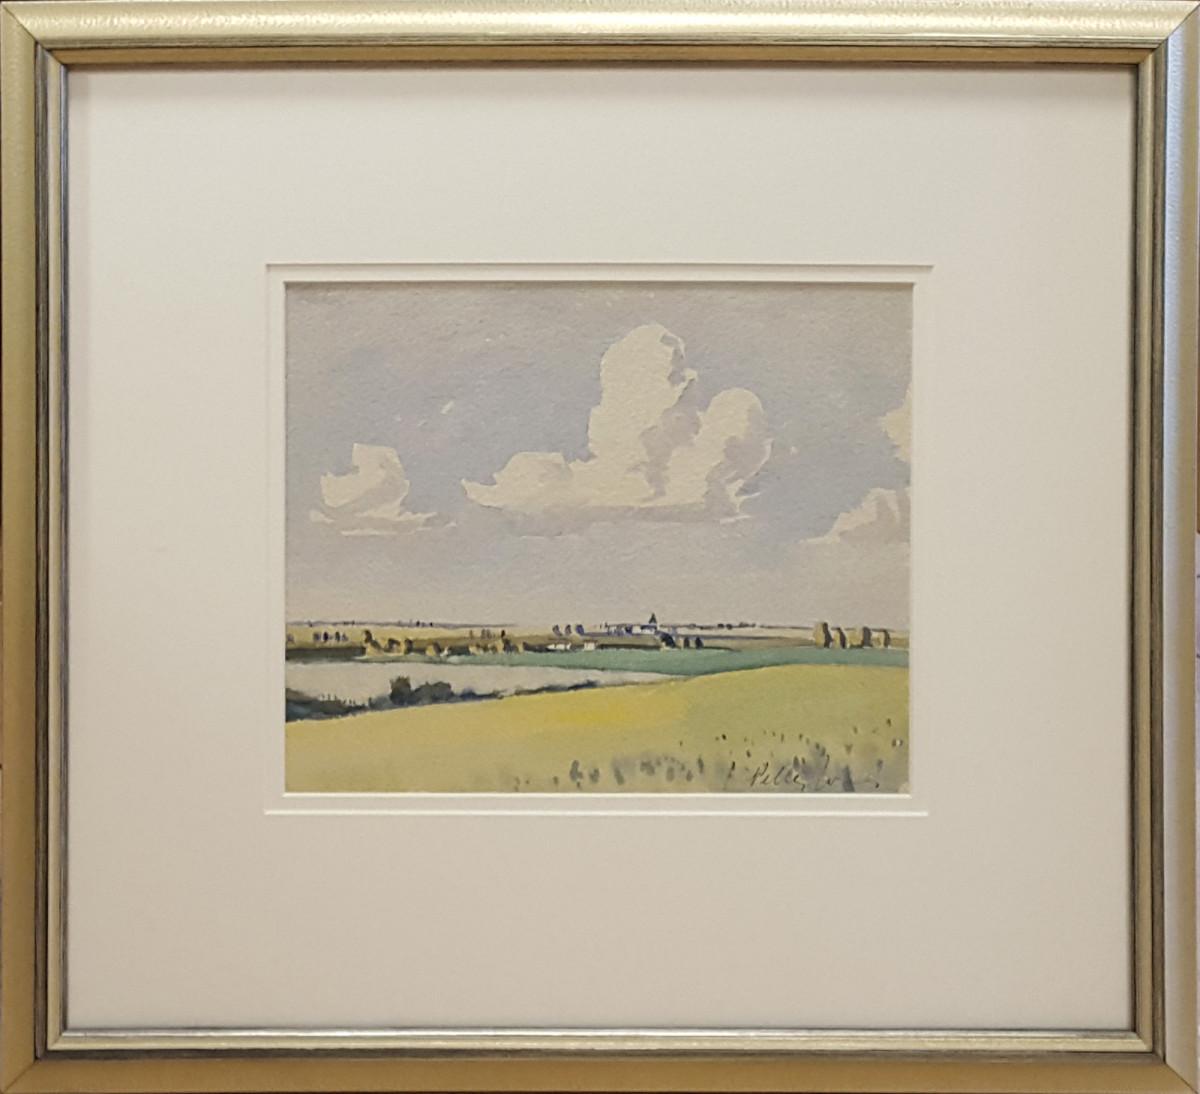 2318 - Cumulus Cloud by Llewellyn Petley-Jones (1908-1986)